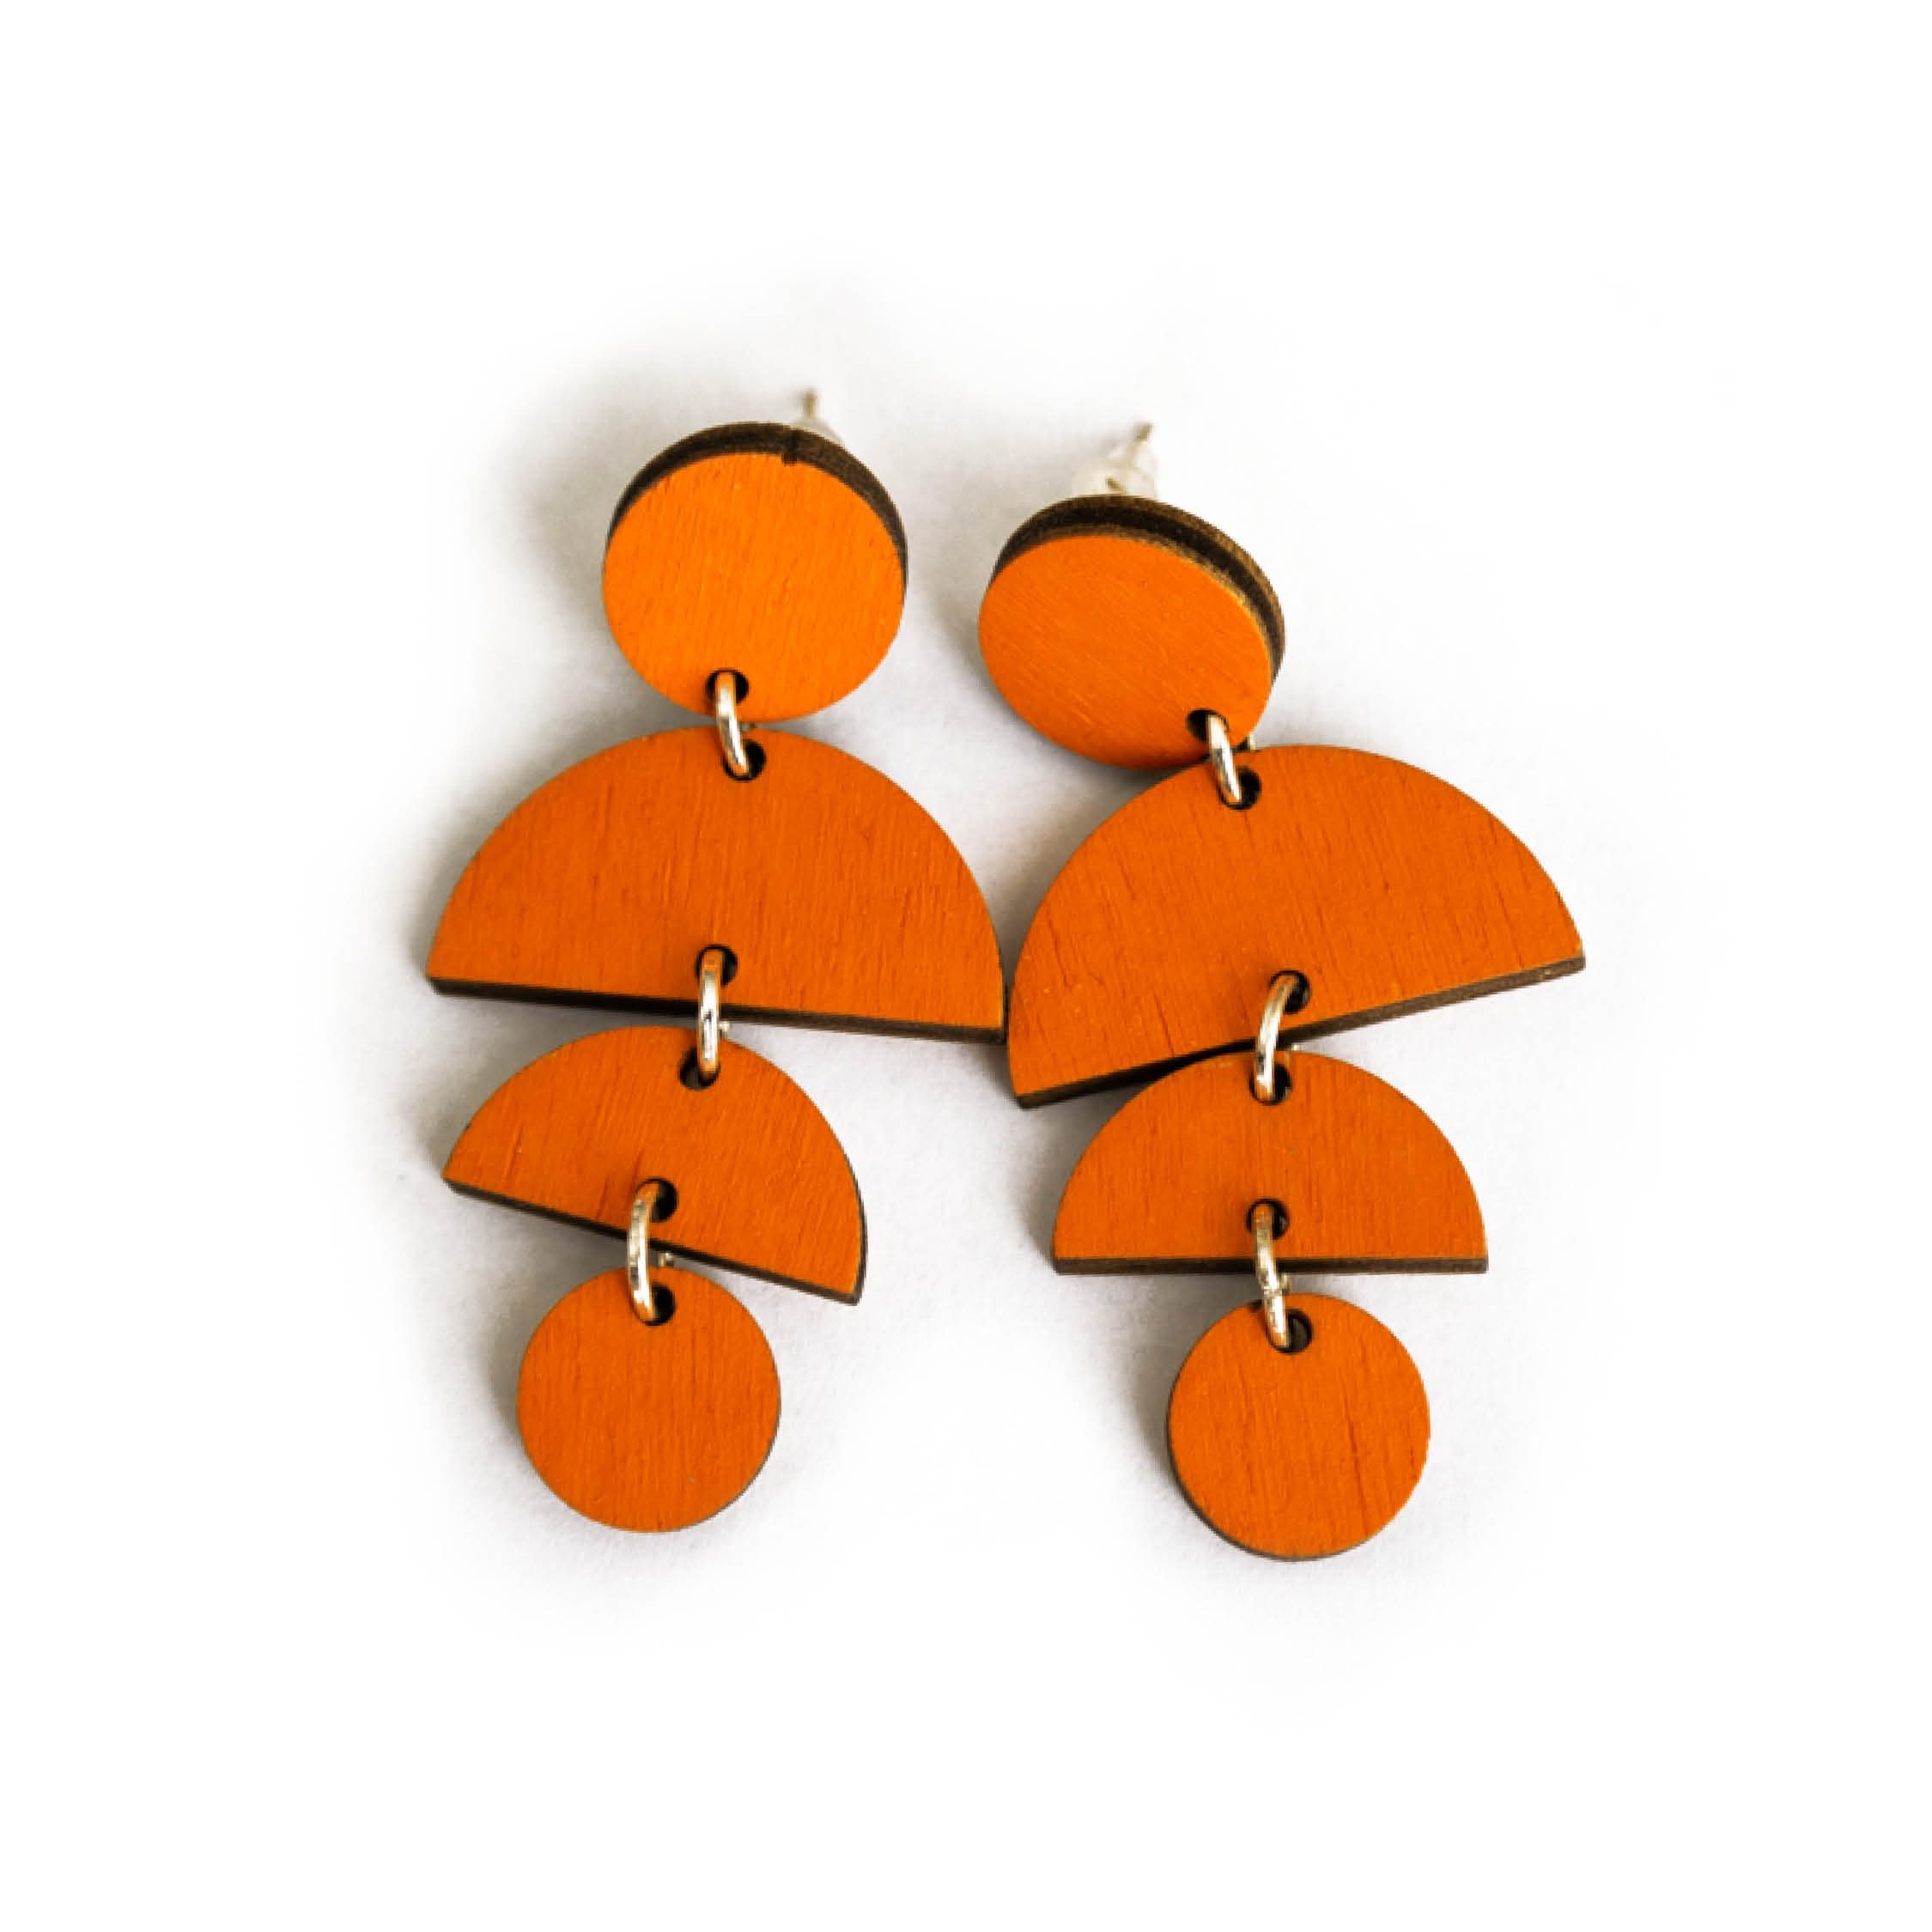 Handgemaakte houten sieraden